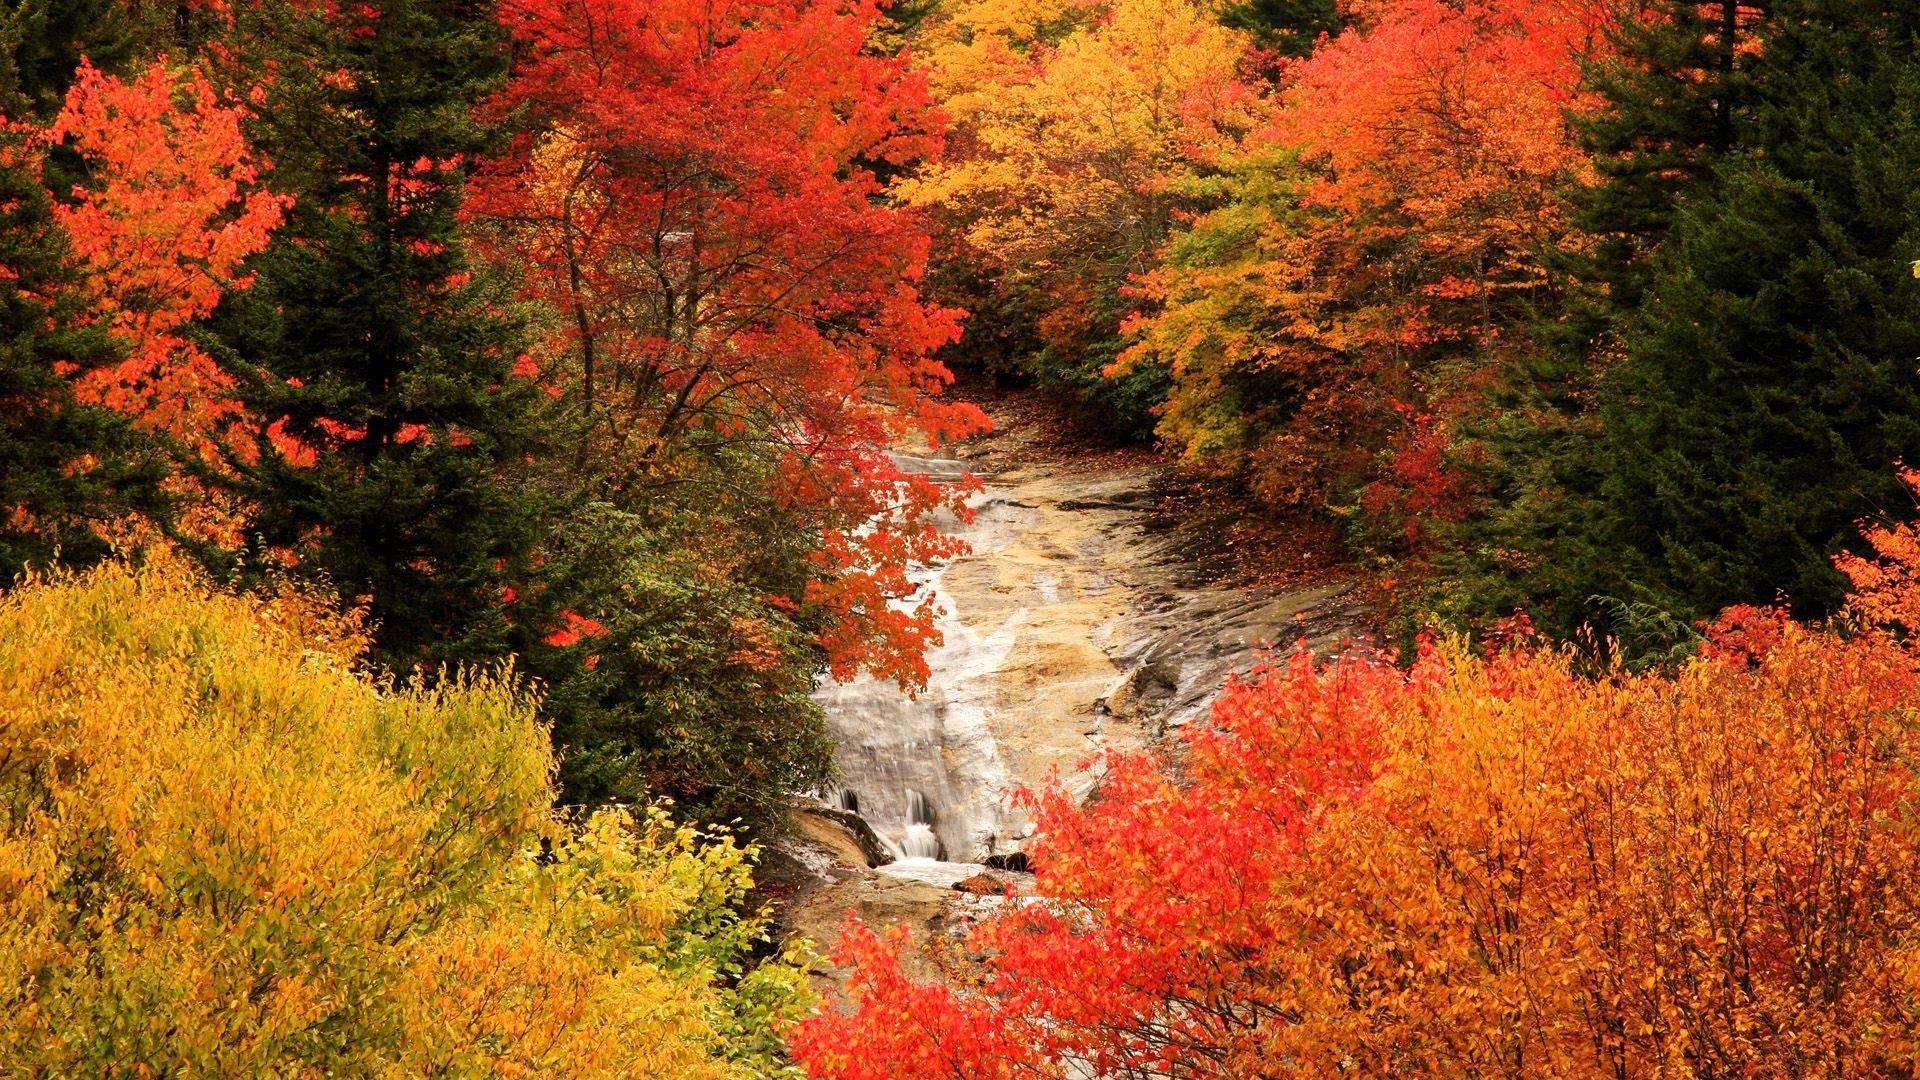 autumn wallpaper 007 free - photo #20